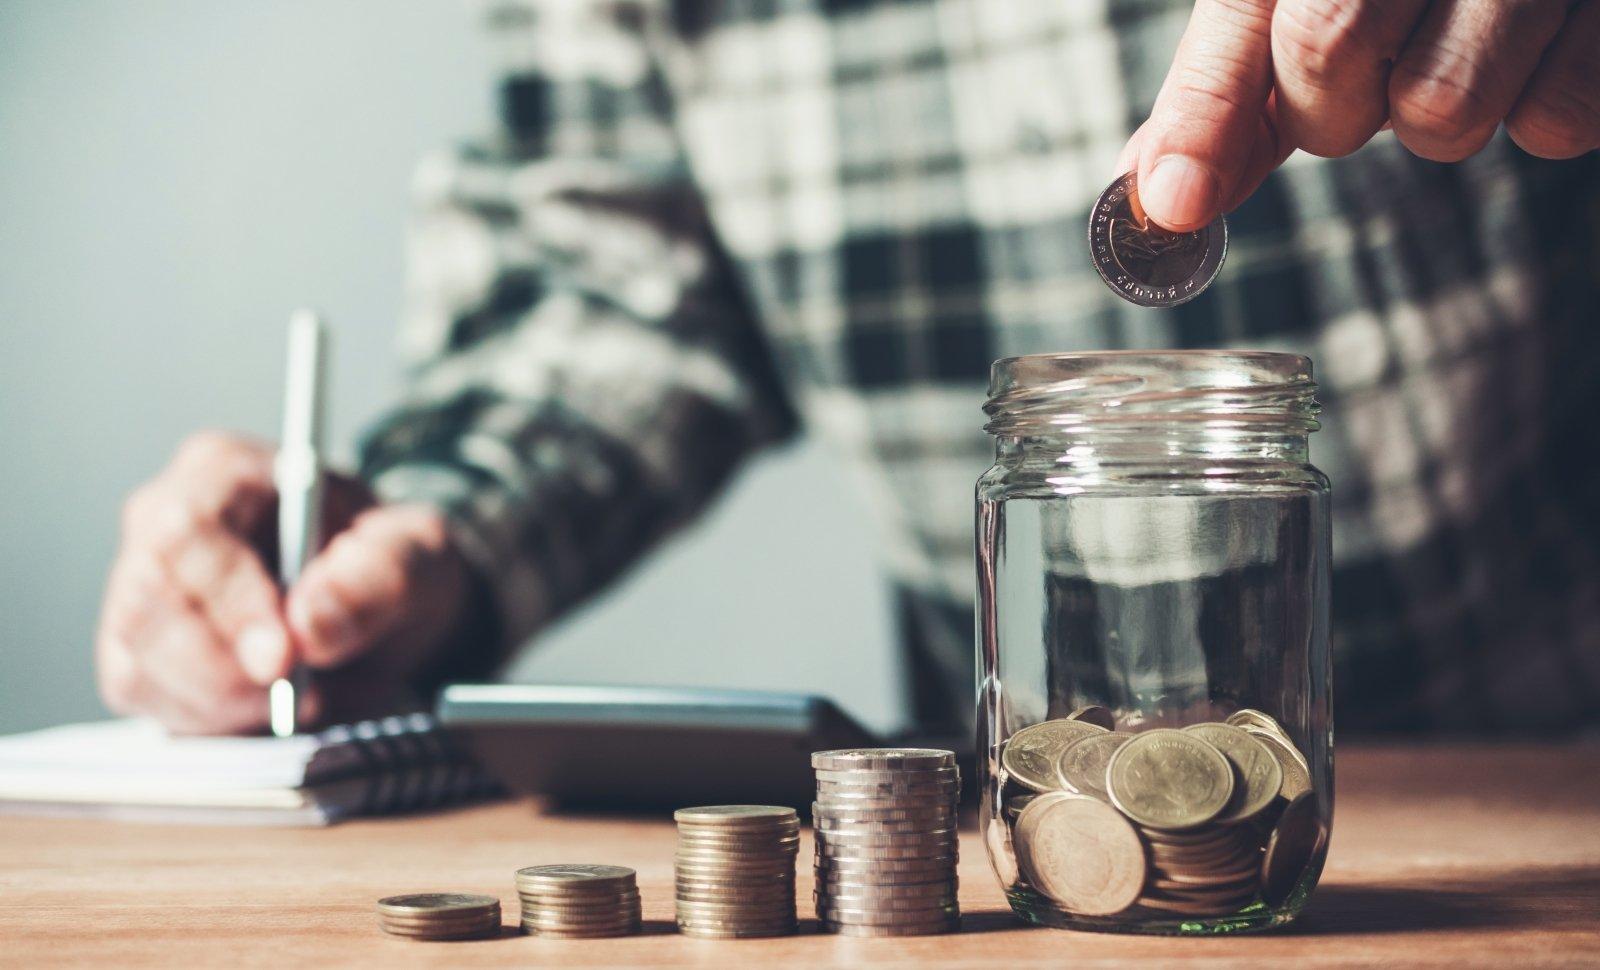 kaip greitai sutaupyti ar užsidirbti